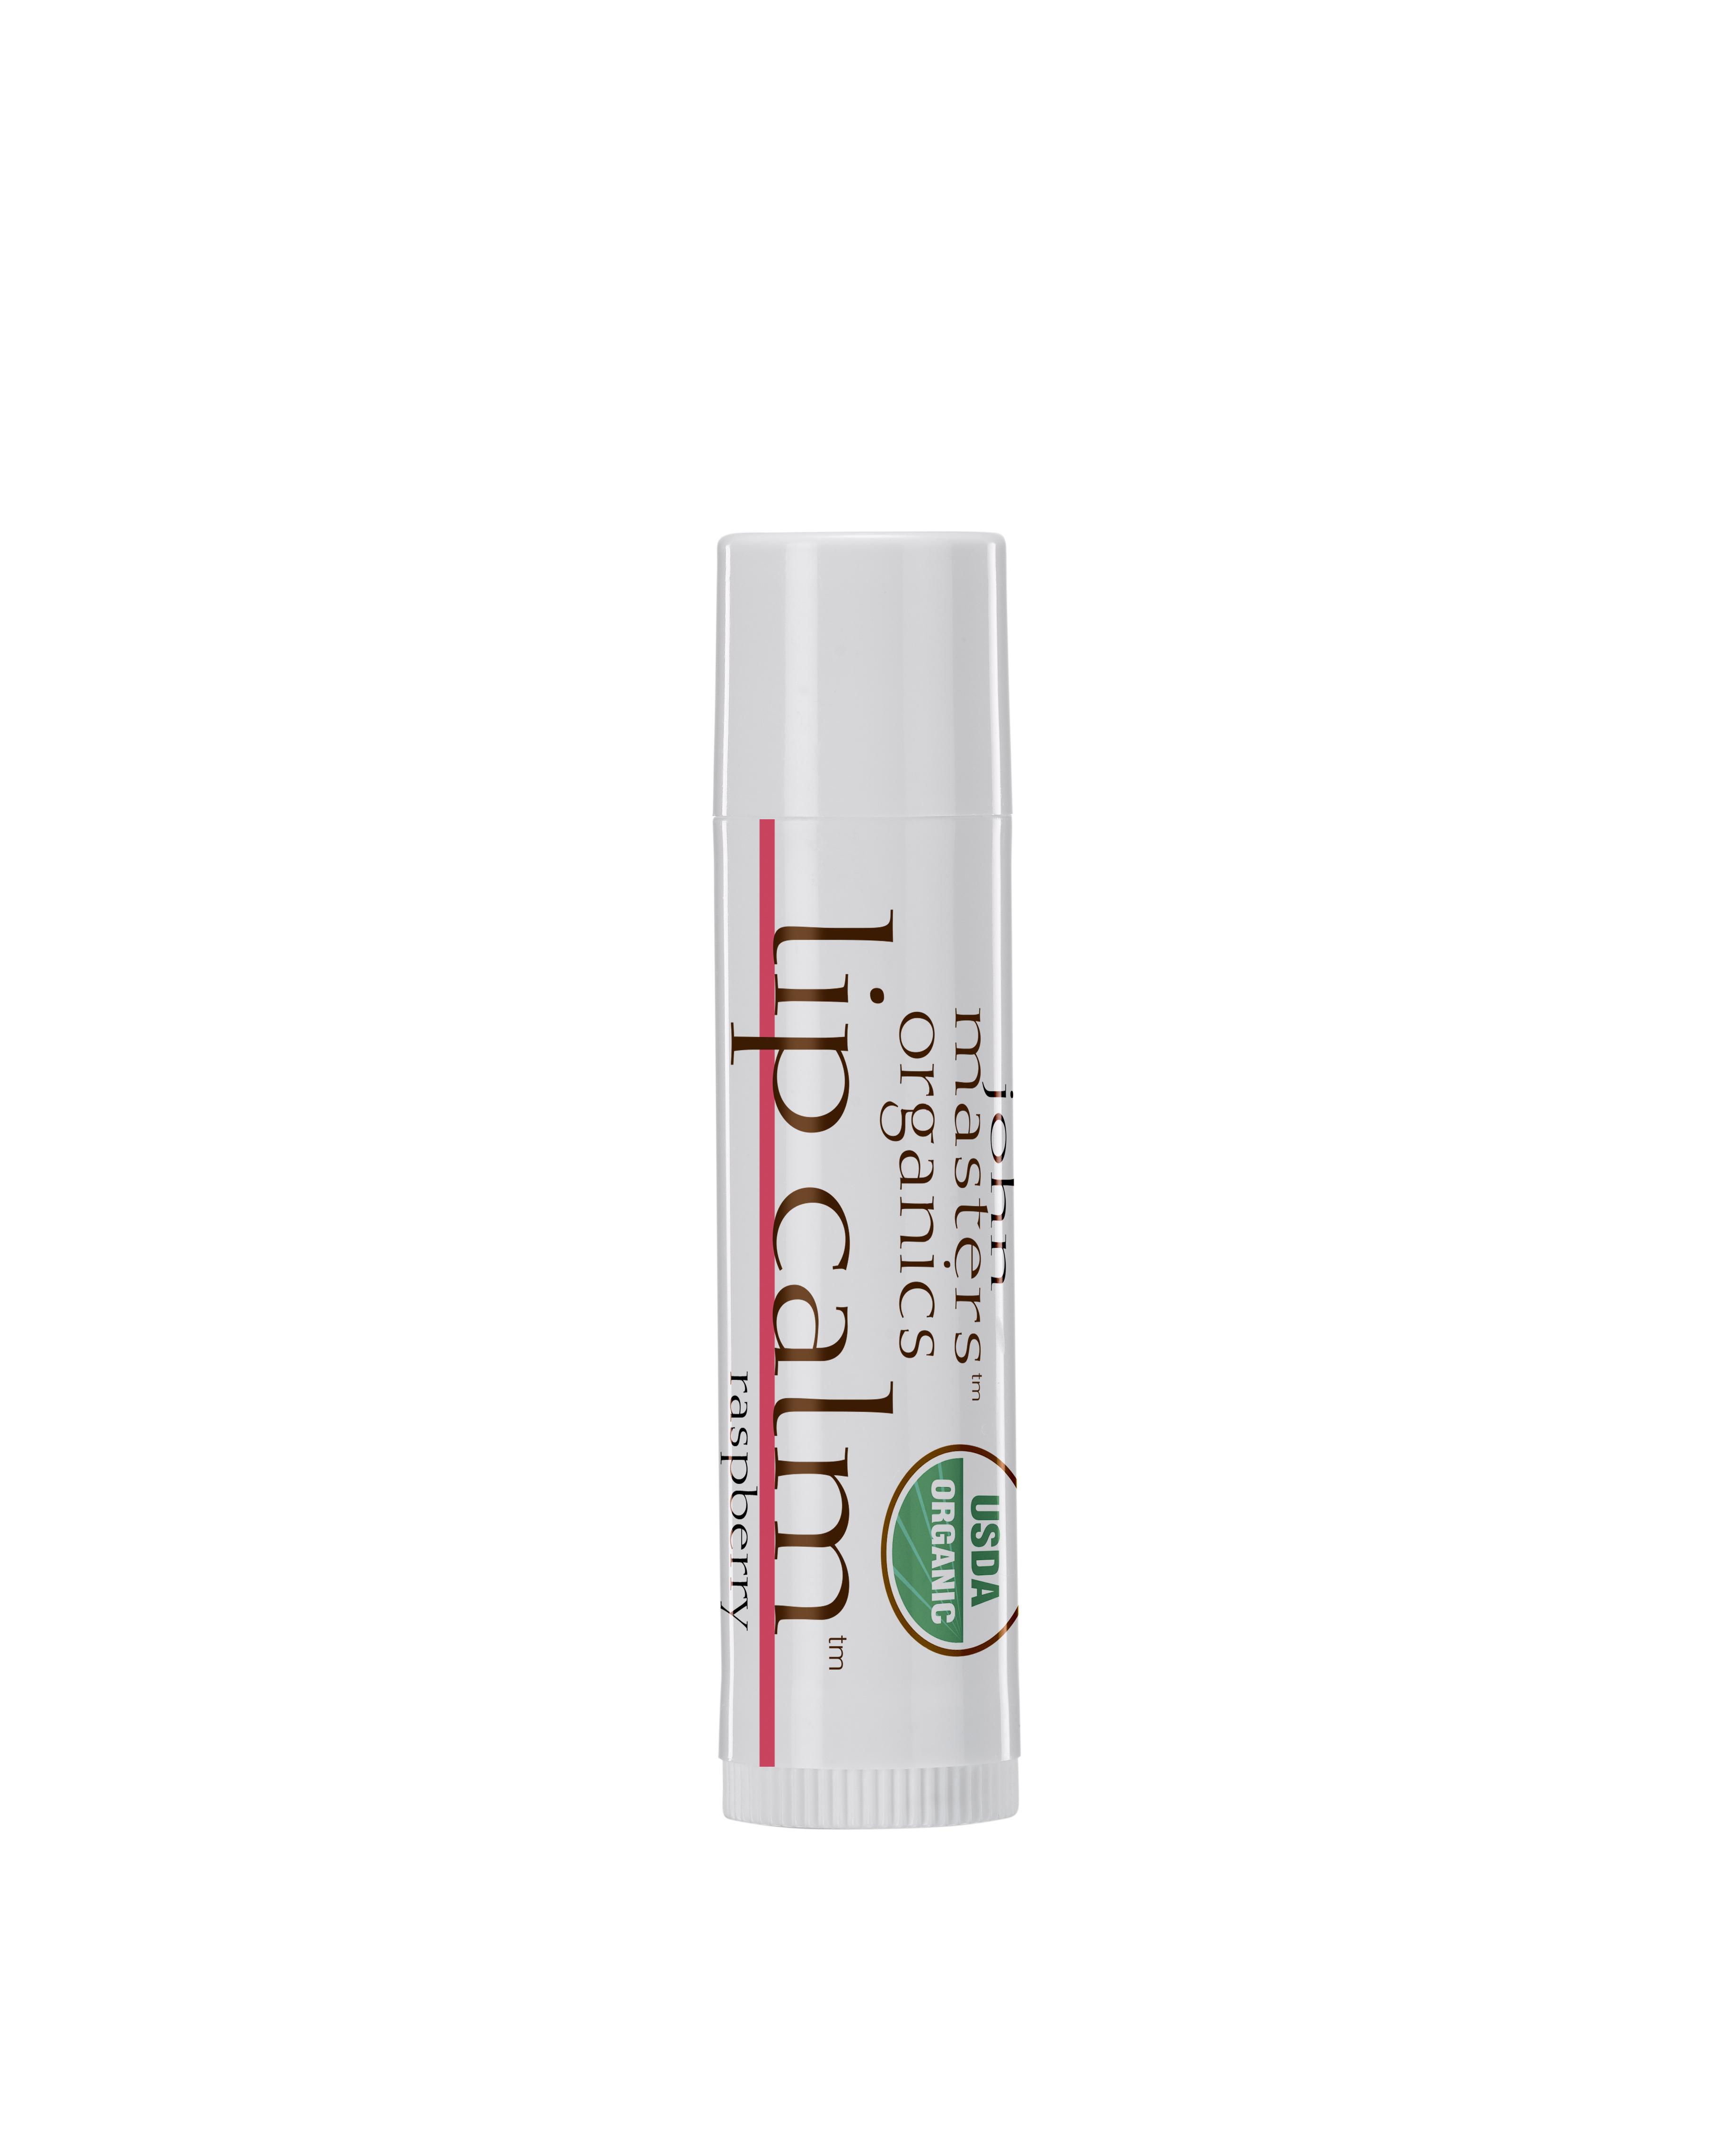 Lip calm – Balsamo per Labbra all'aroma di Lampone JMO-LIP-R